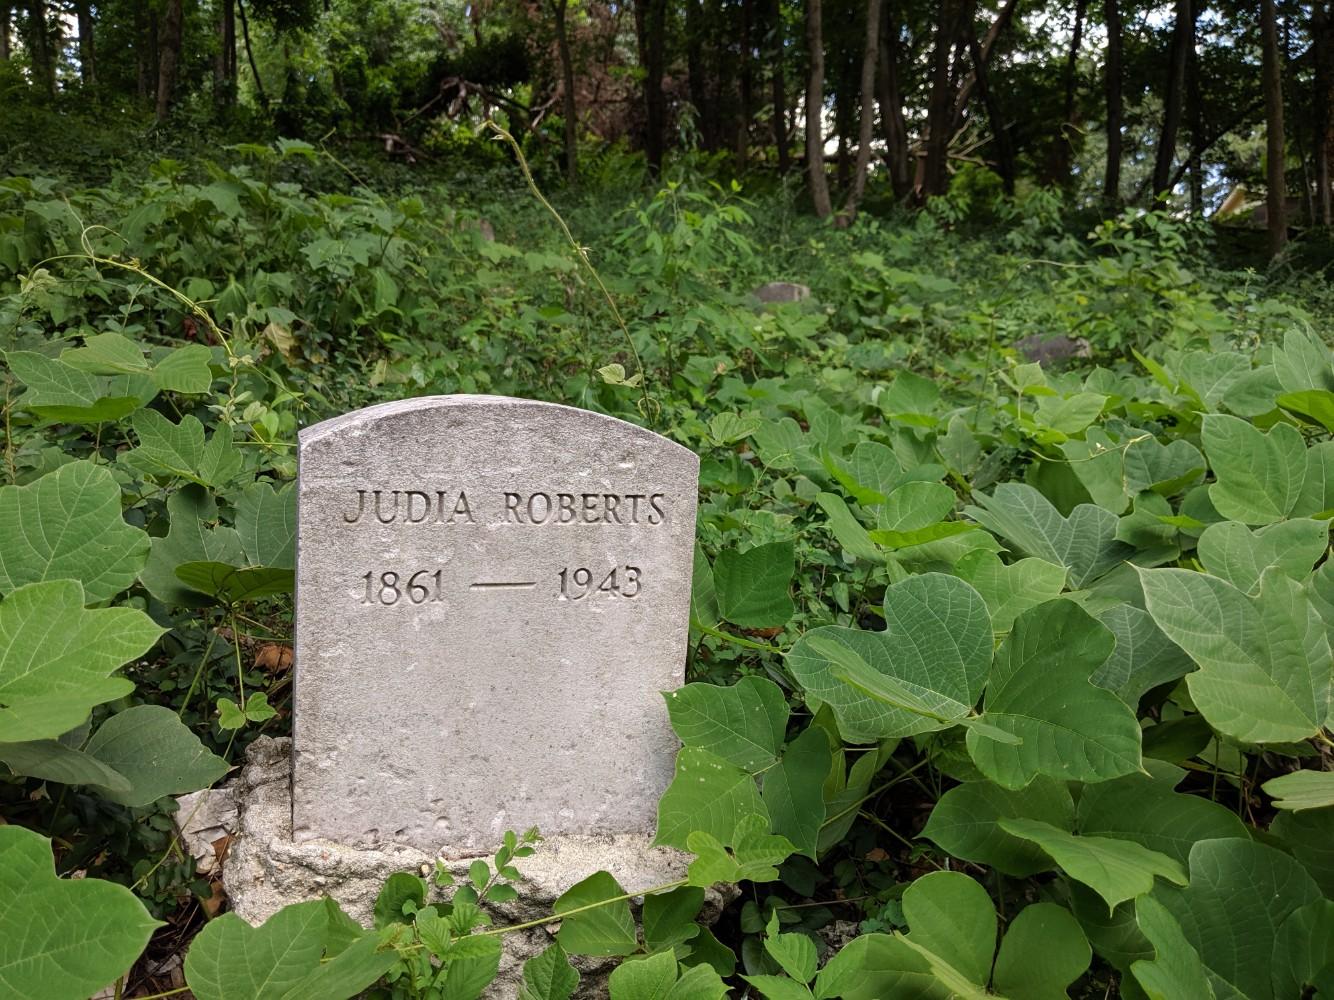 overgrown grave marker